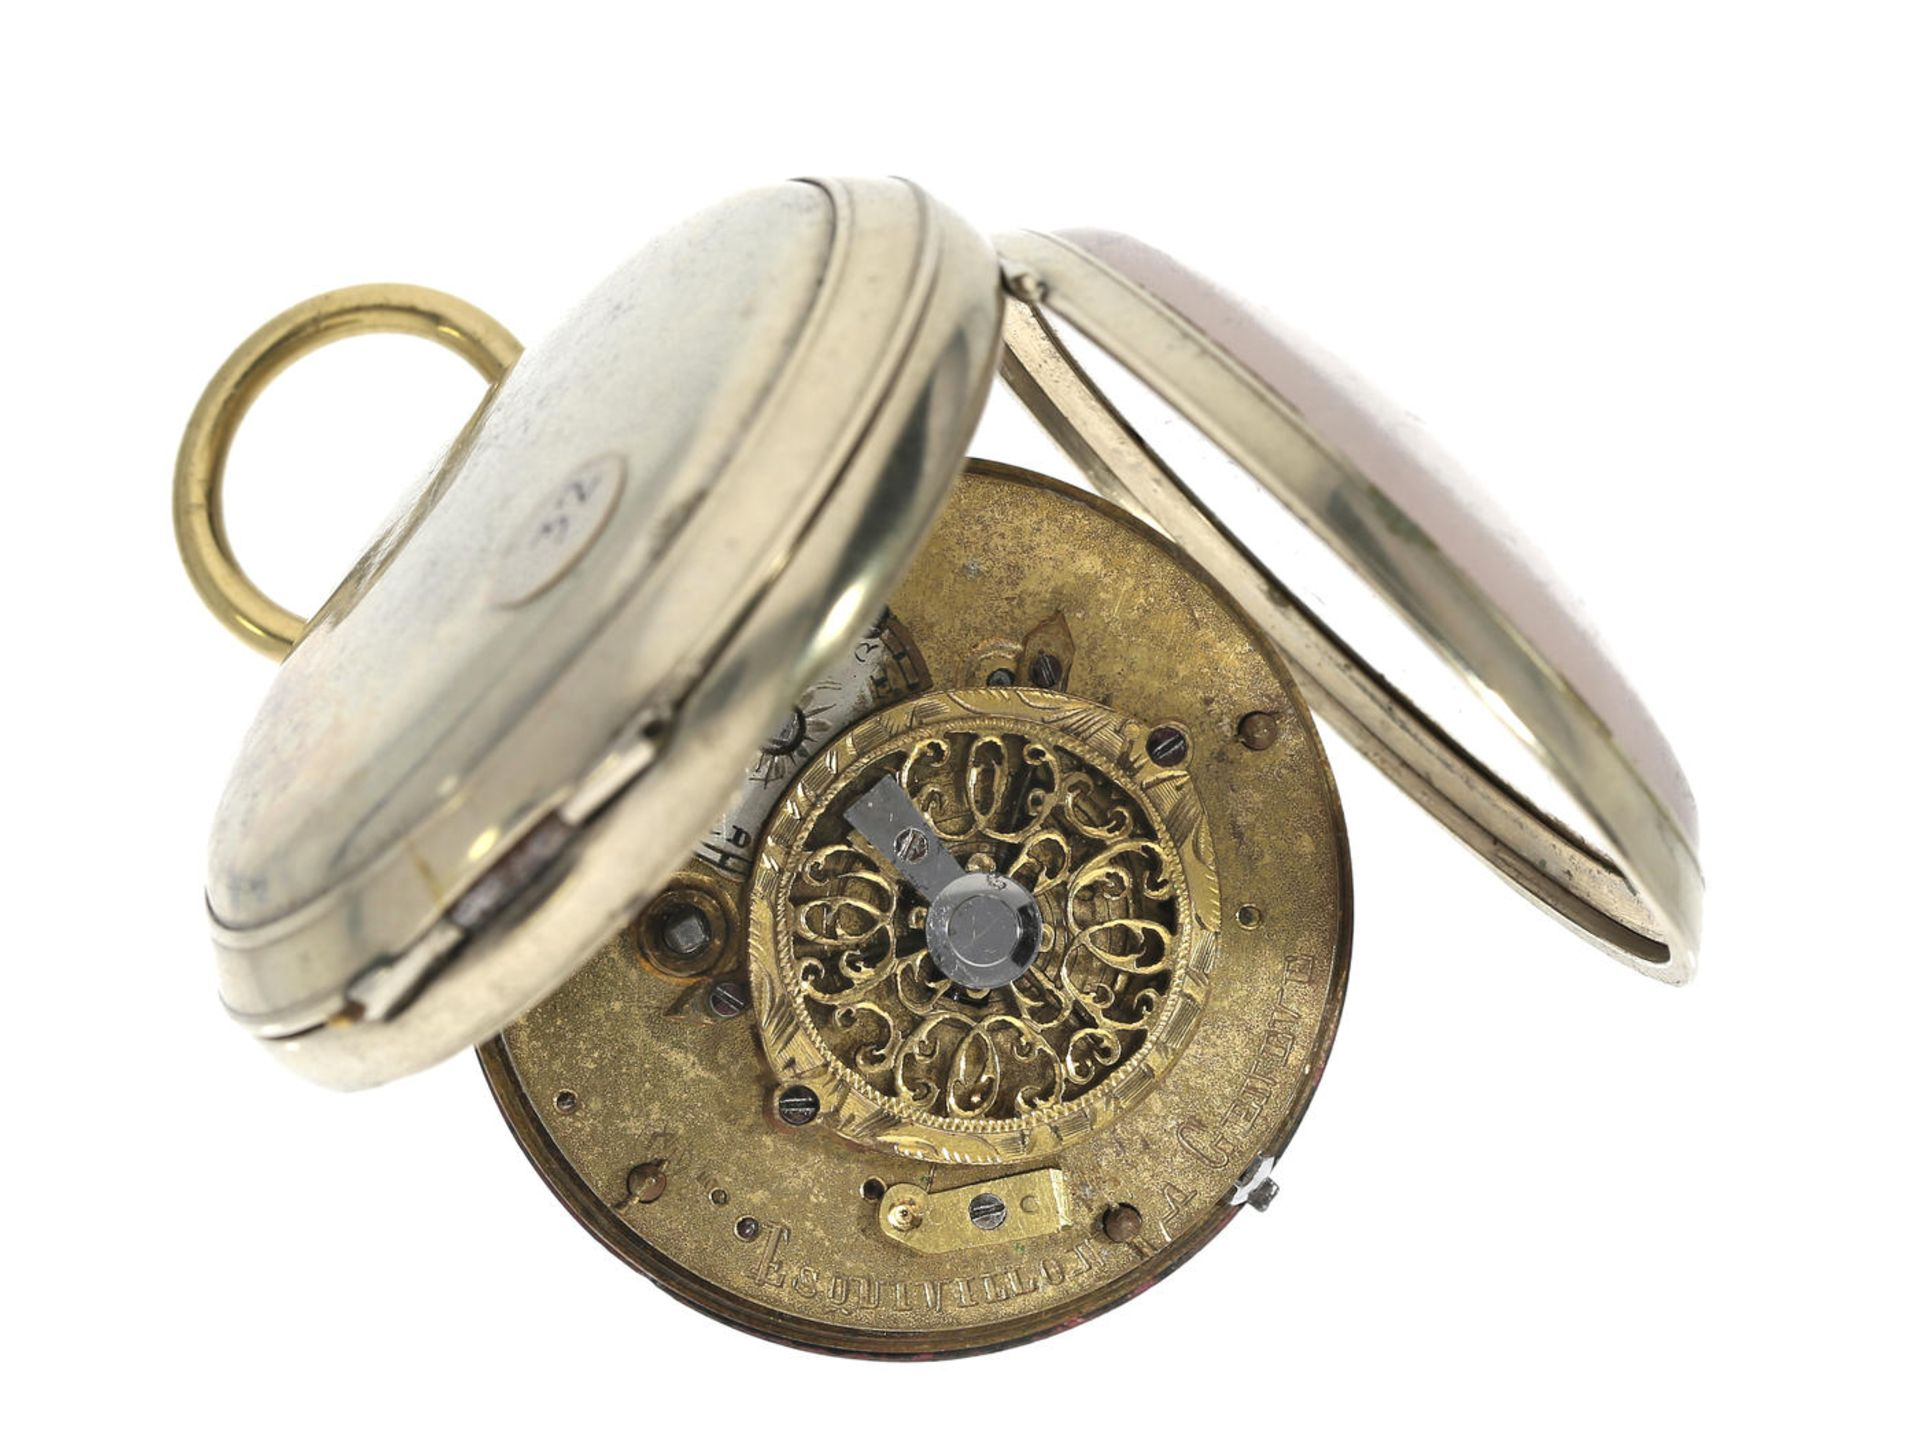 Taschenuhr: Spindeluhr, um 1800, signiert Esquivillon Geneve Ca. Ø47mm, ca. 89g, Nickelgehäuse, - Bild 2 aus 3